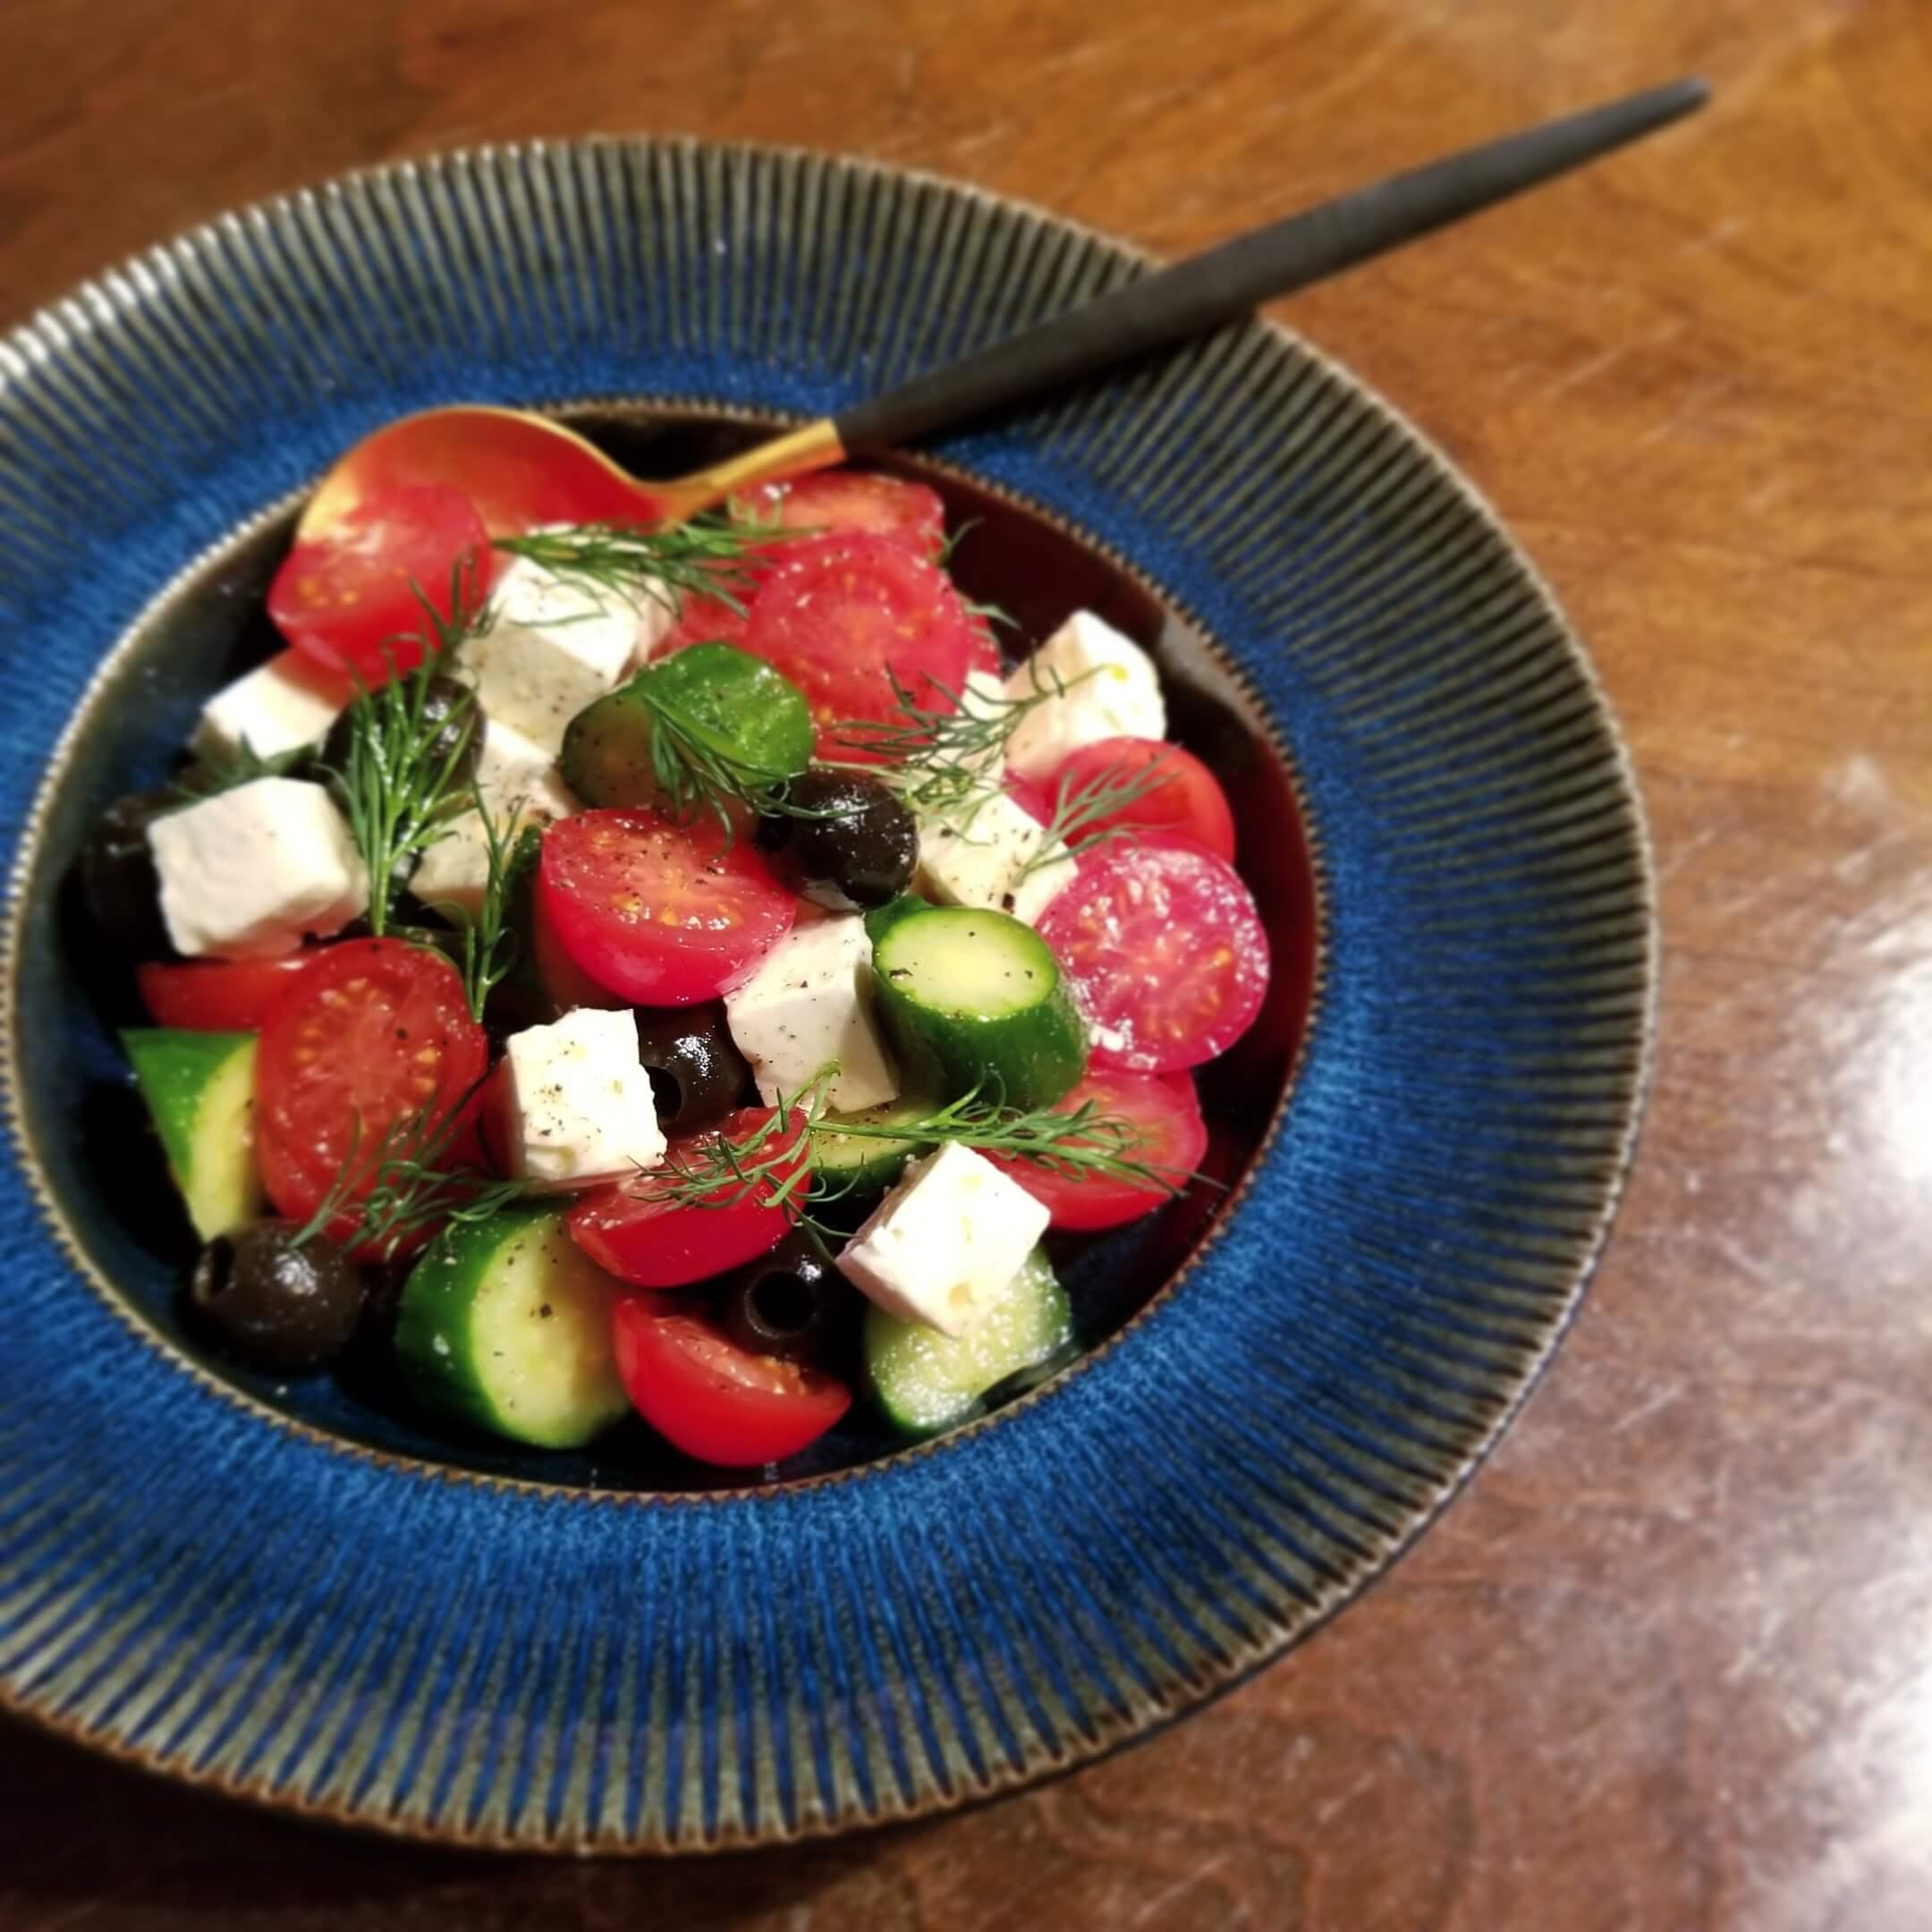 パワフル美容食材トマトで代謝を上げる